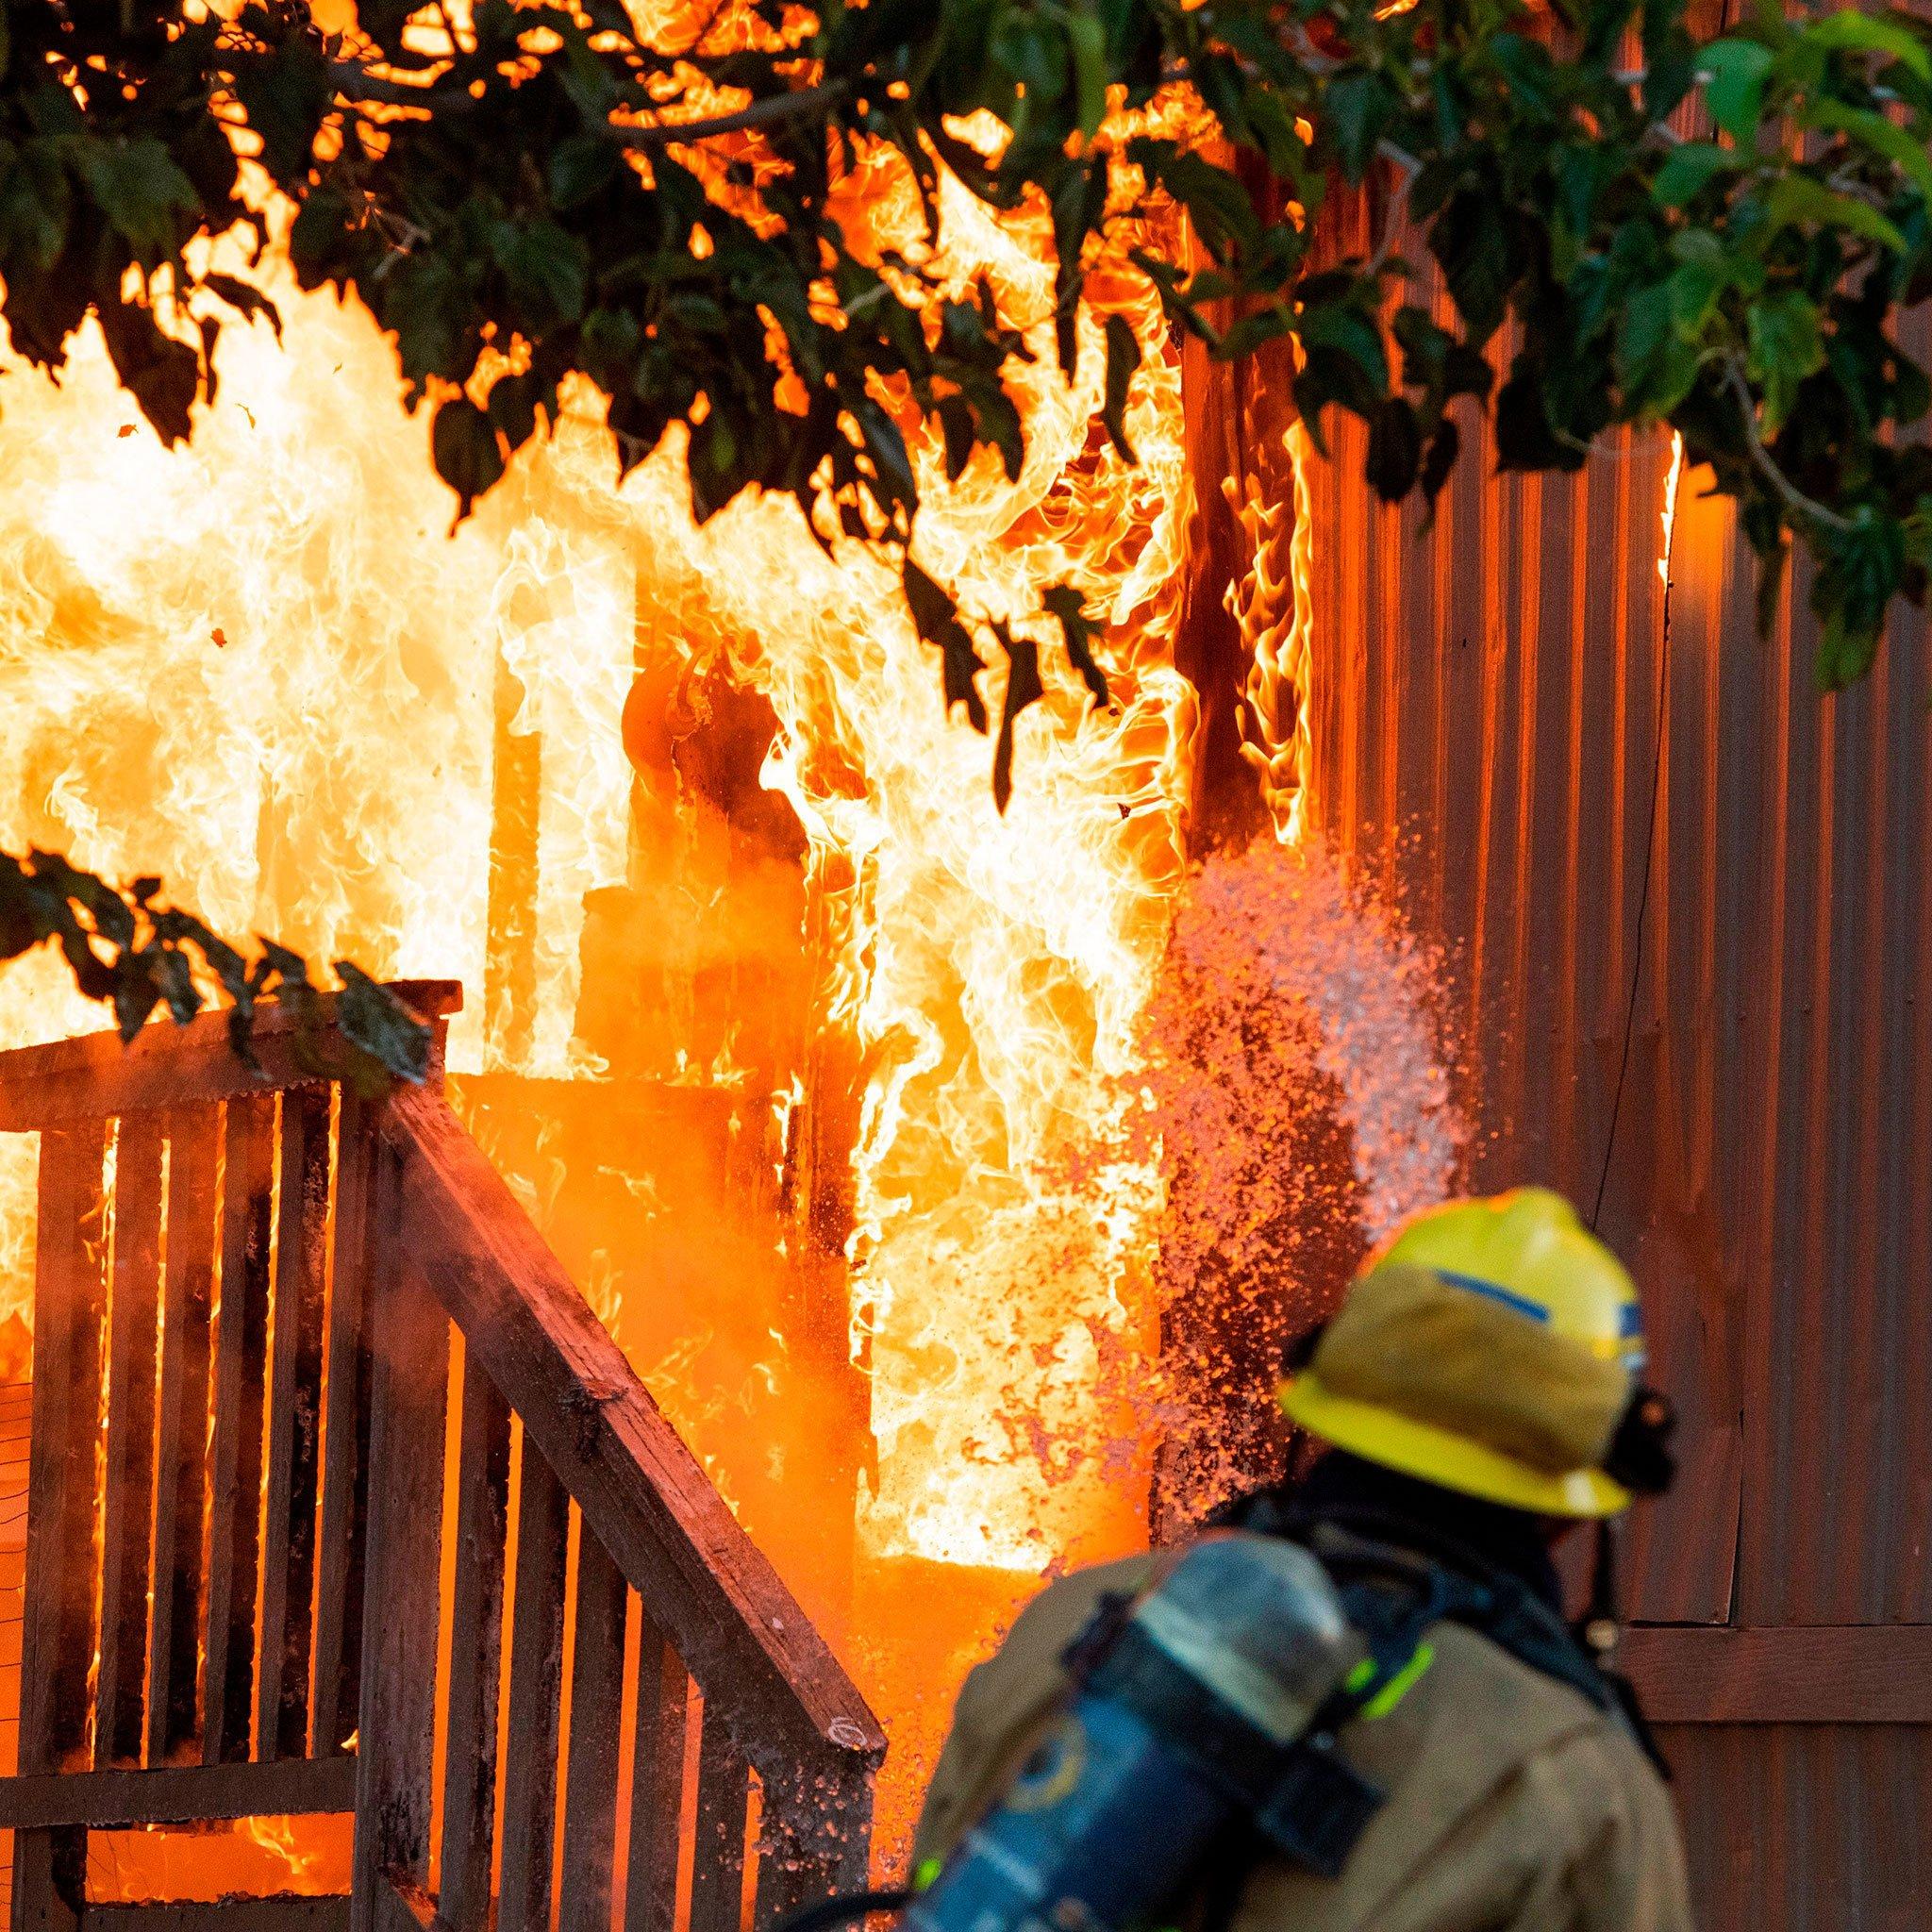 اسرار دو زلزله بزرگ کالیفرنیا-آتشسوزی در منطقه